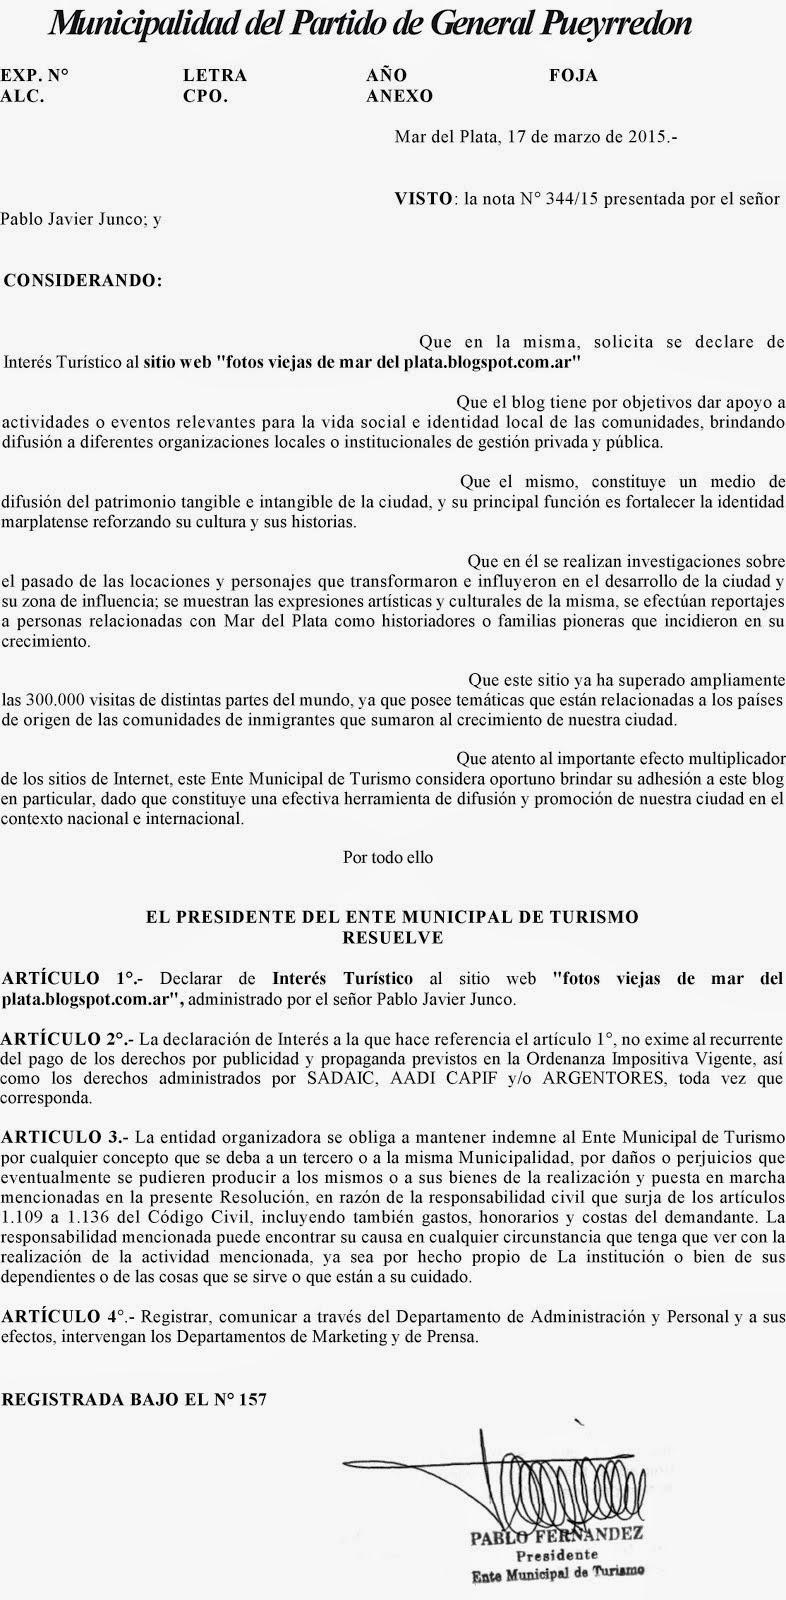 Sitio declarado de Interés Turístico por la Municipalidad de General Pueyrredon